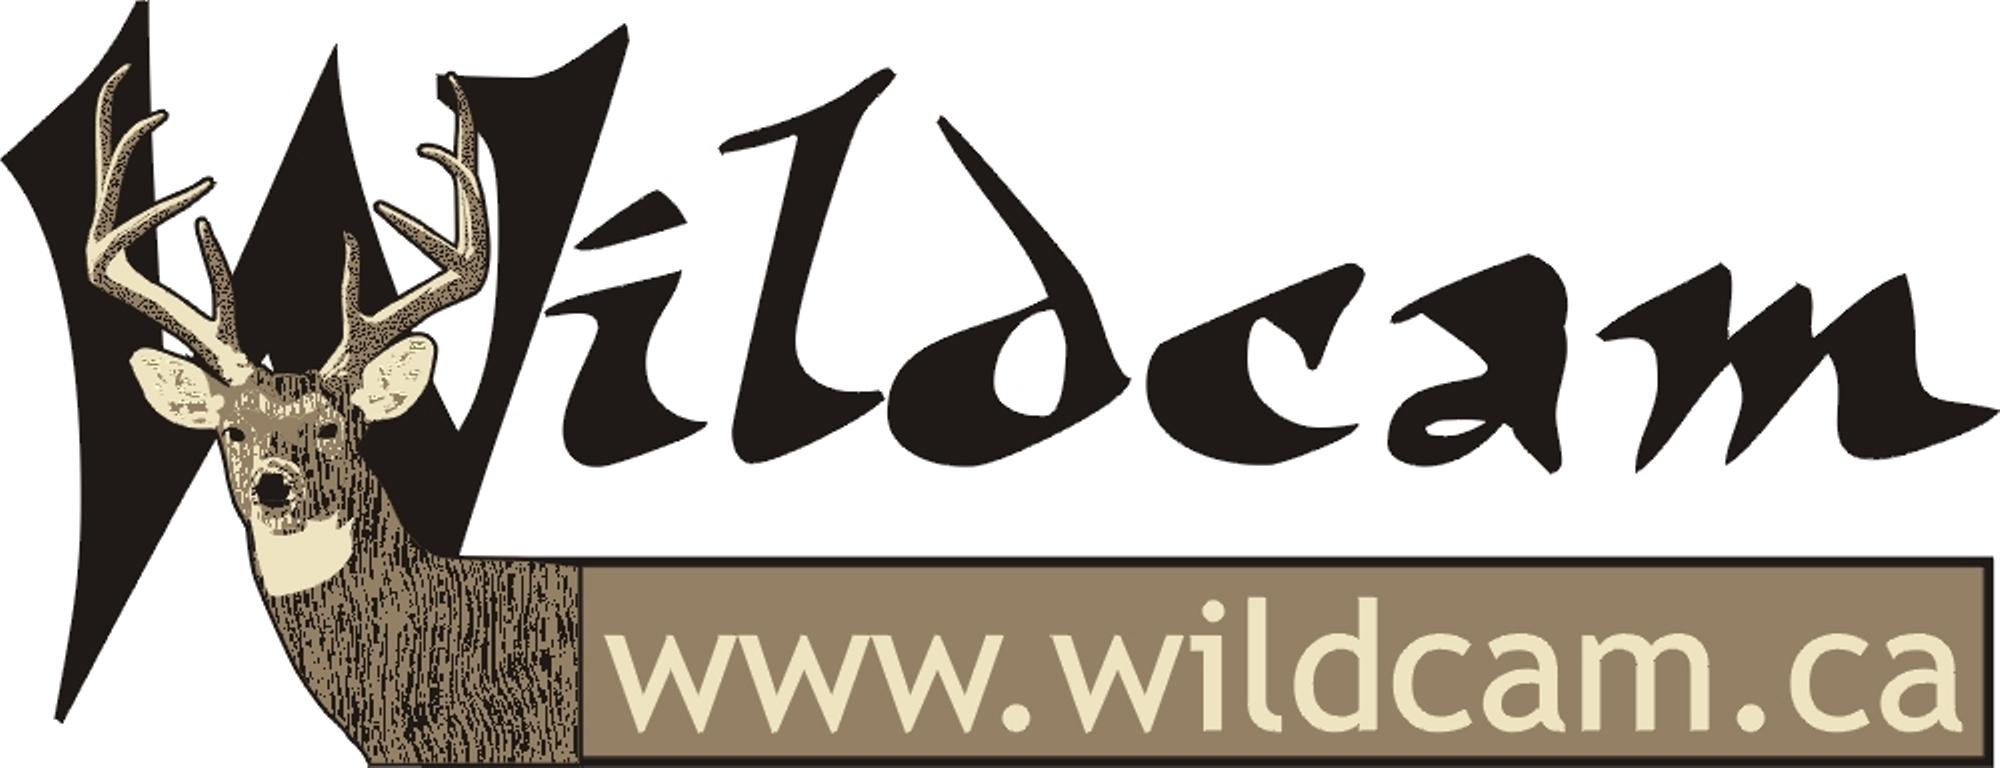 wildcam.jpg